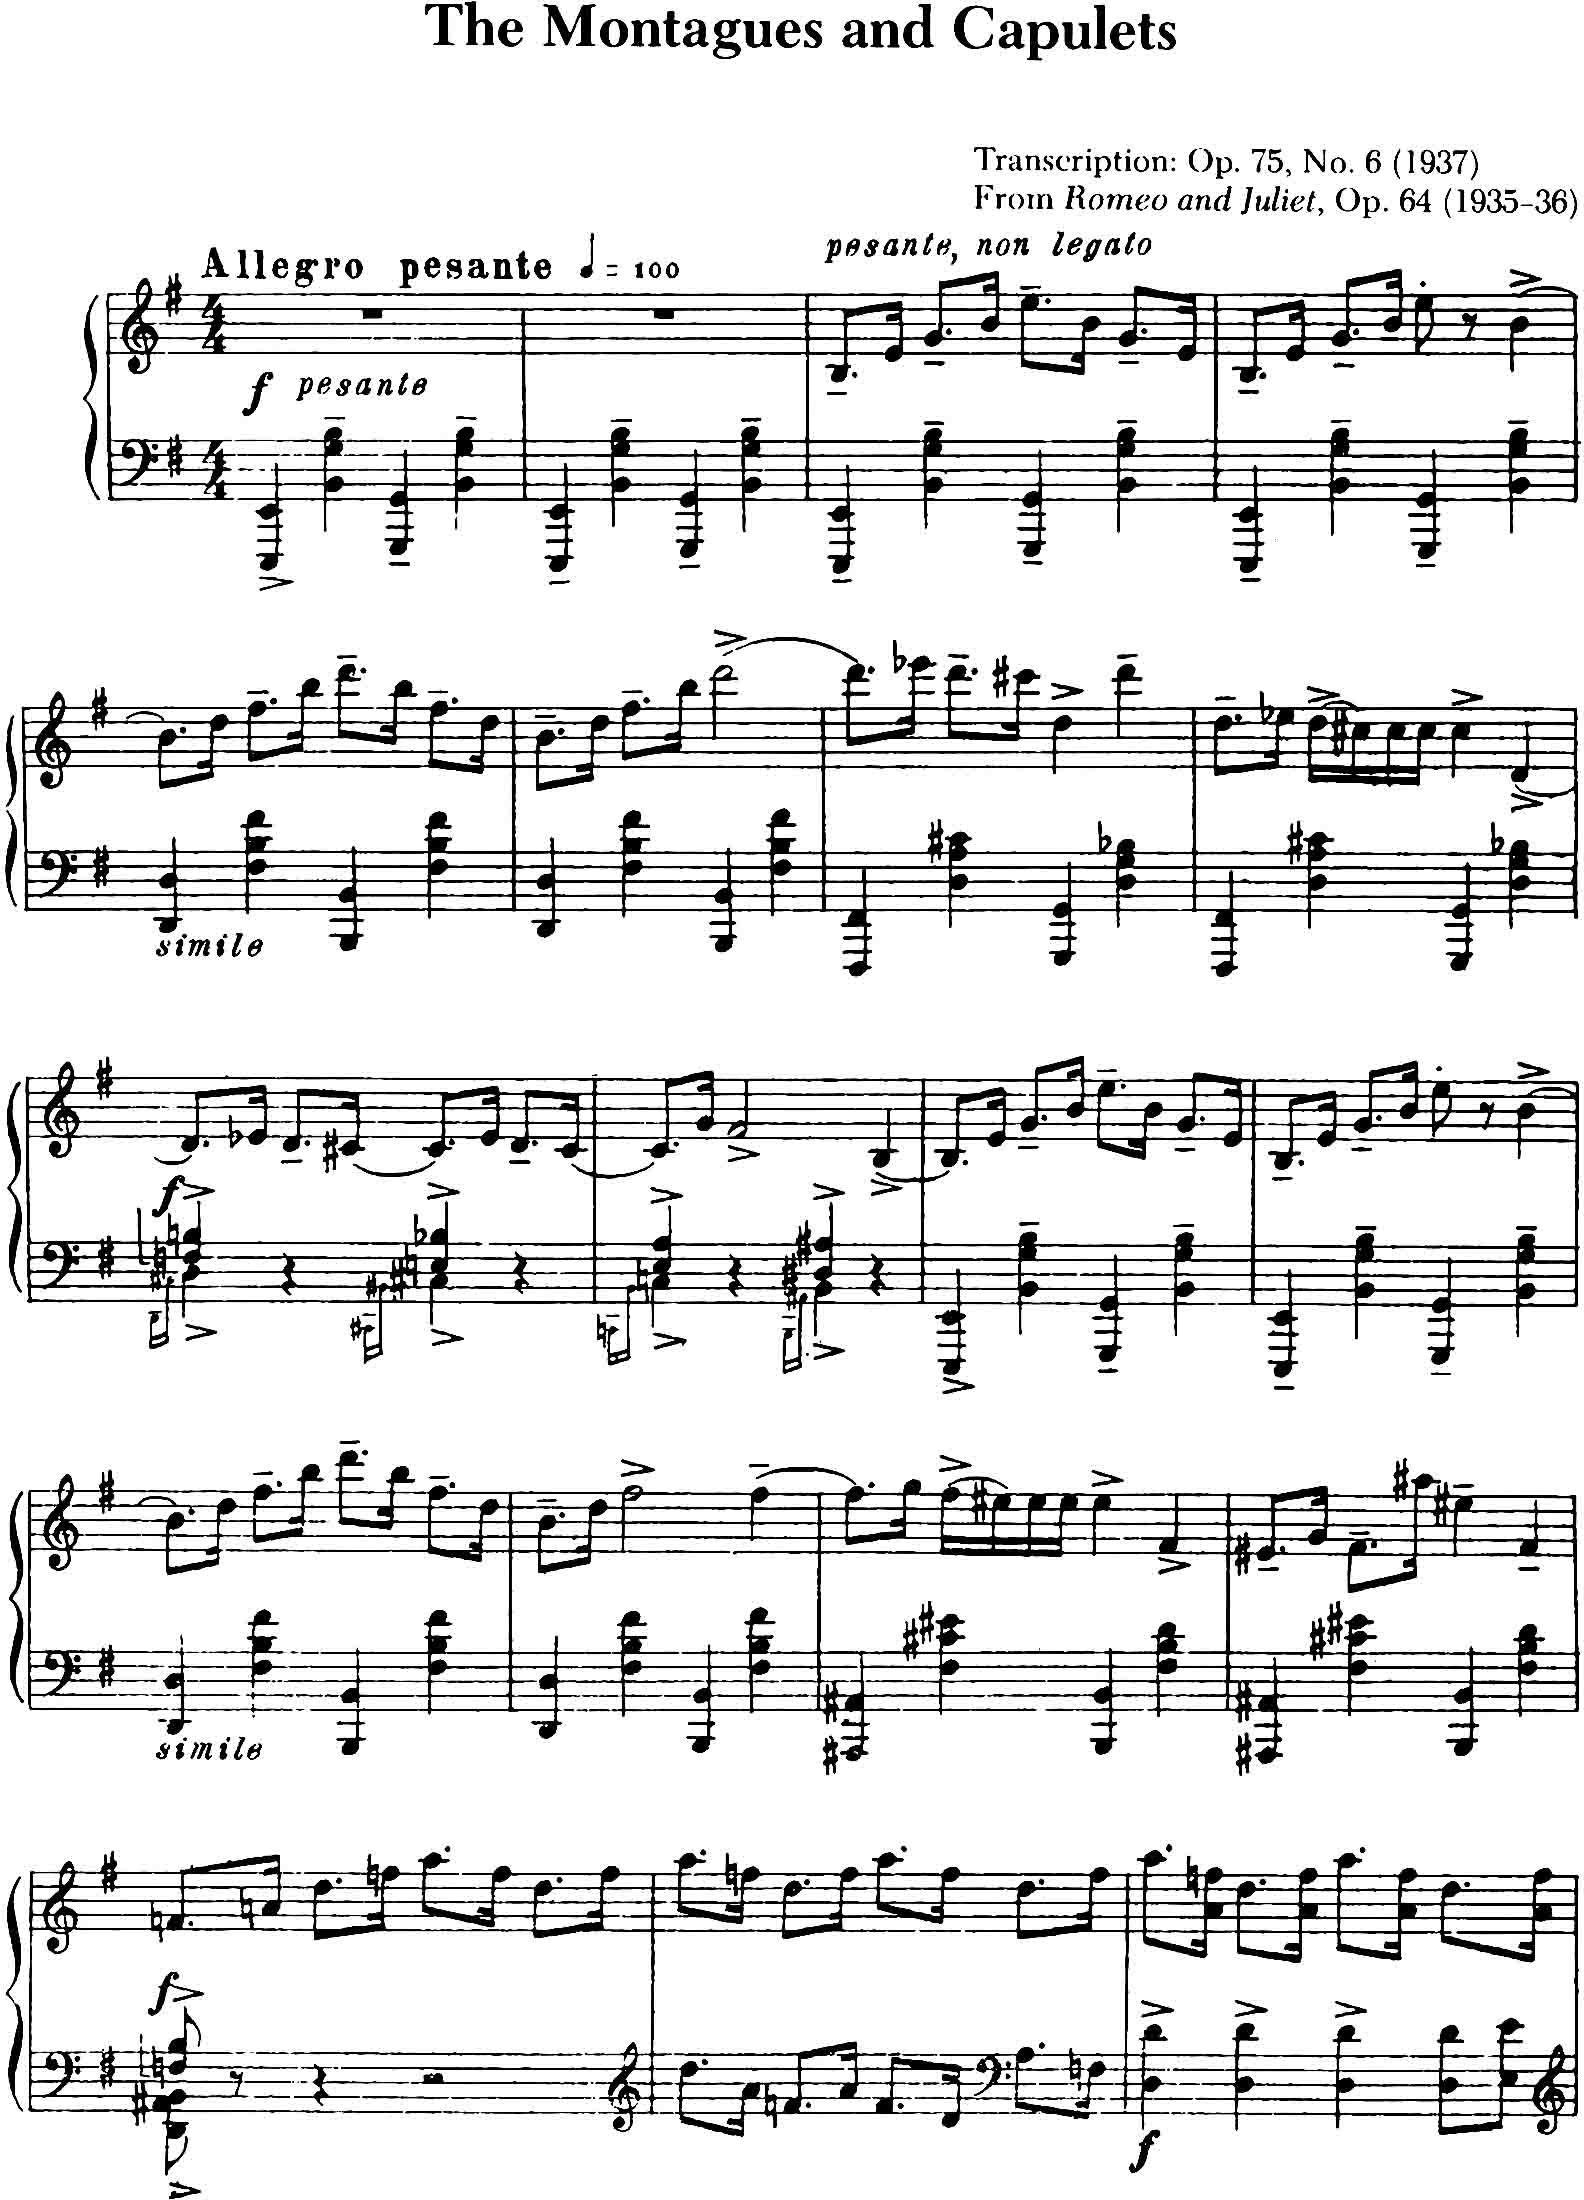 Sergei Prokofiev The Montagues & Capulets (Op75N10, 1937)